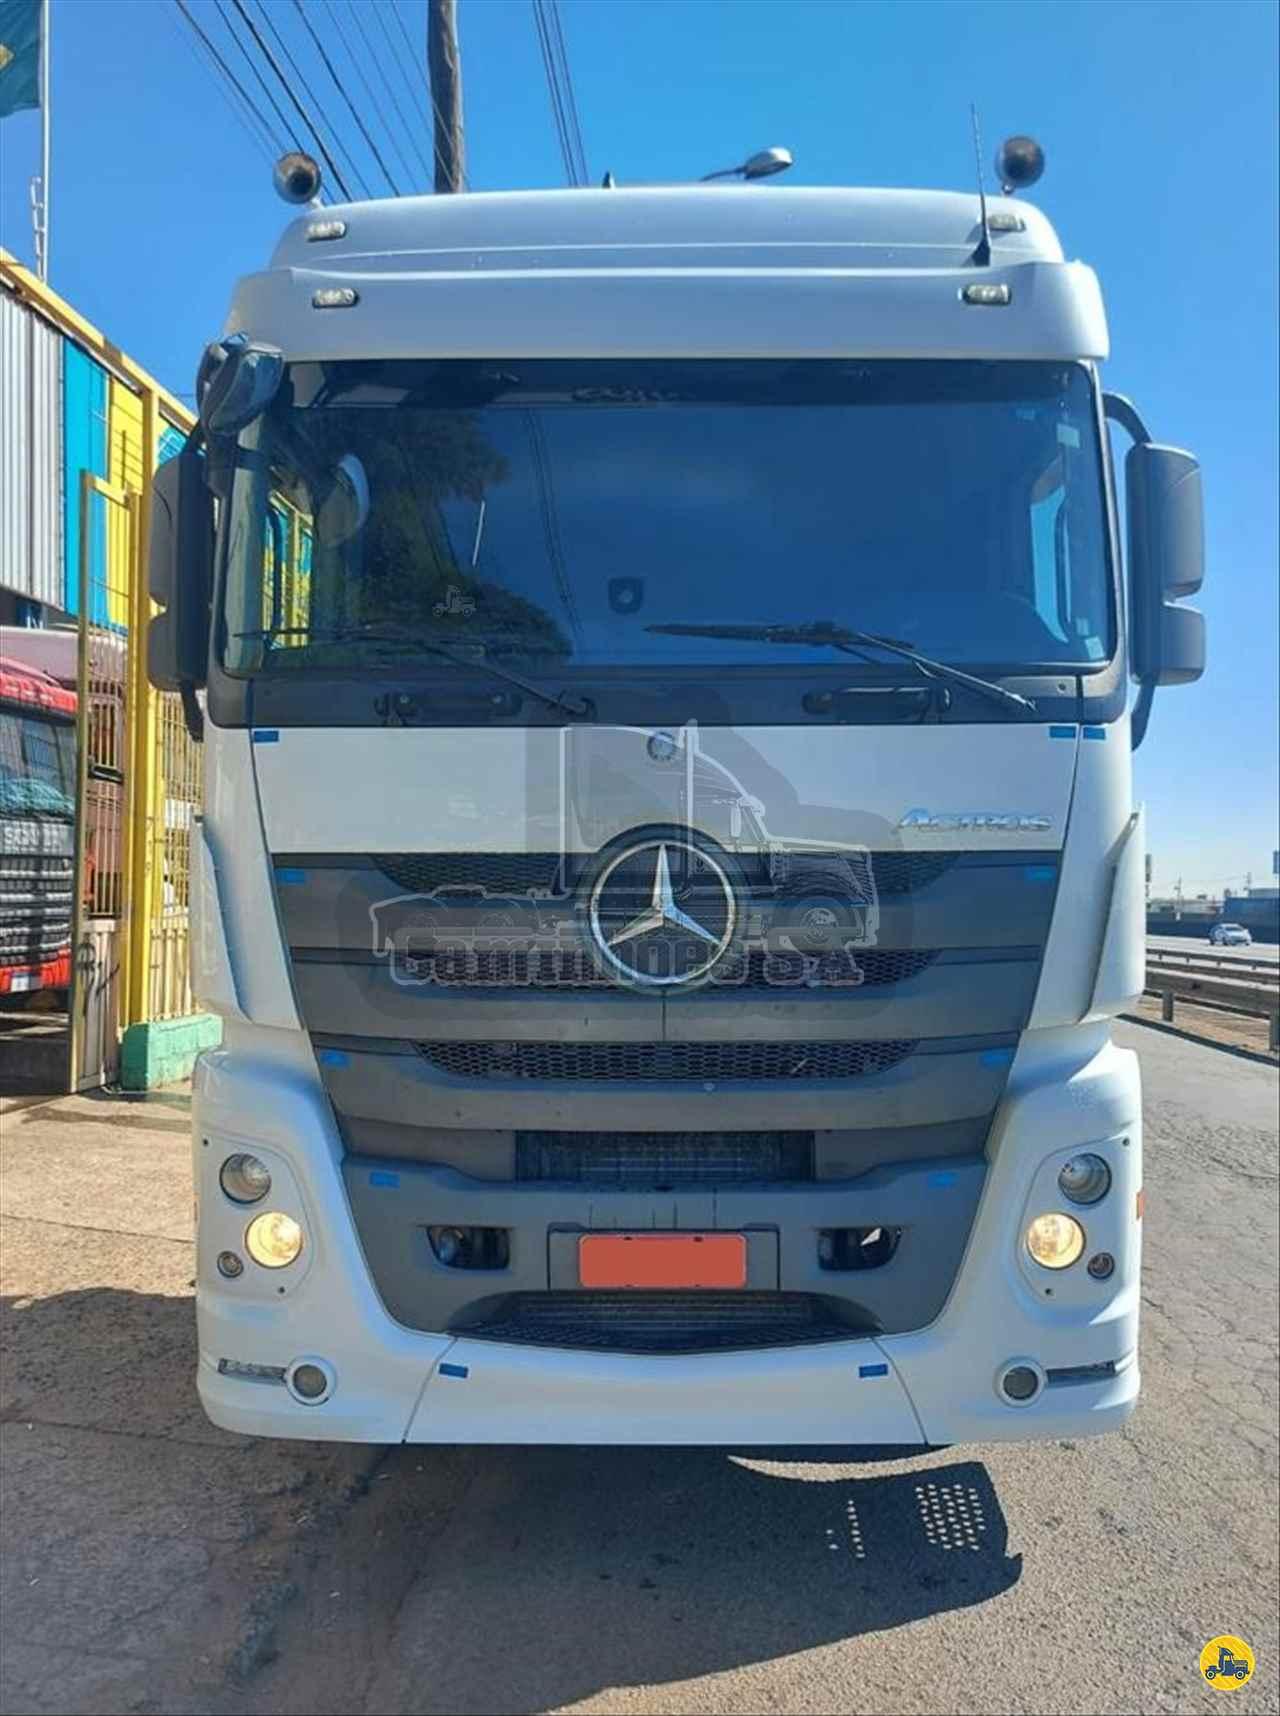 CAMINHAO MERCEDES-BENZ MB 2546 Cavalo Mecânico Truck 6x2 Caminhões SA VOTORANTIM SÃO PAULO SP